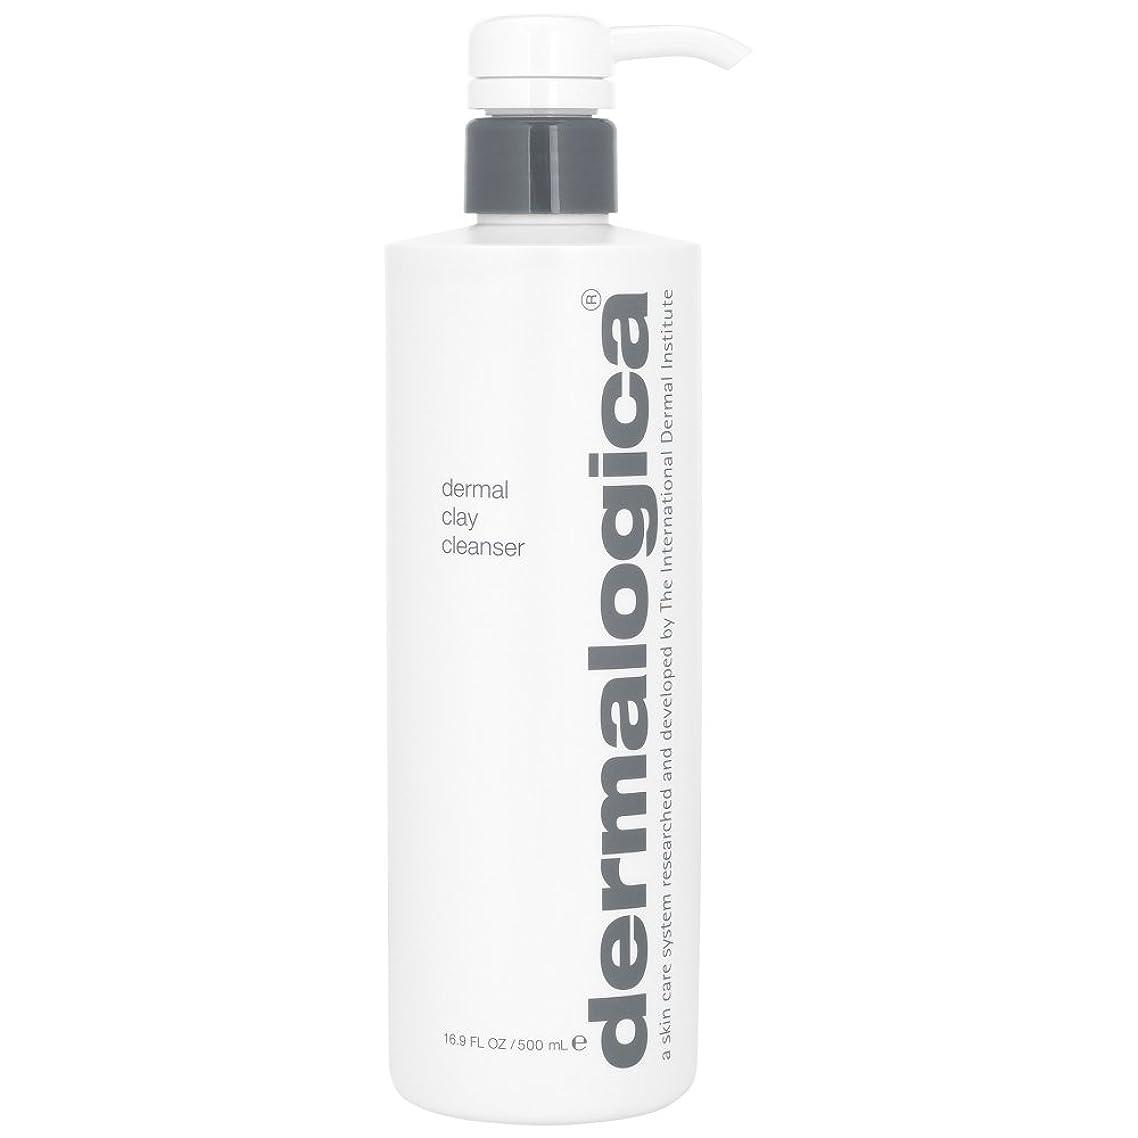 上向き絶え間ない雰囲気ダーマロジカ真皮クレイクレンザー500ミリリットル (Dermalogica) (x6) - Dermalogica Dermal Clay Cleanser 500ml (Pack of 6) [並行輸入品]